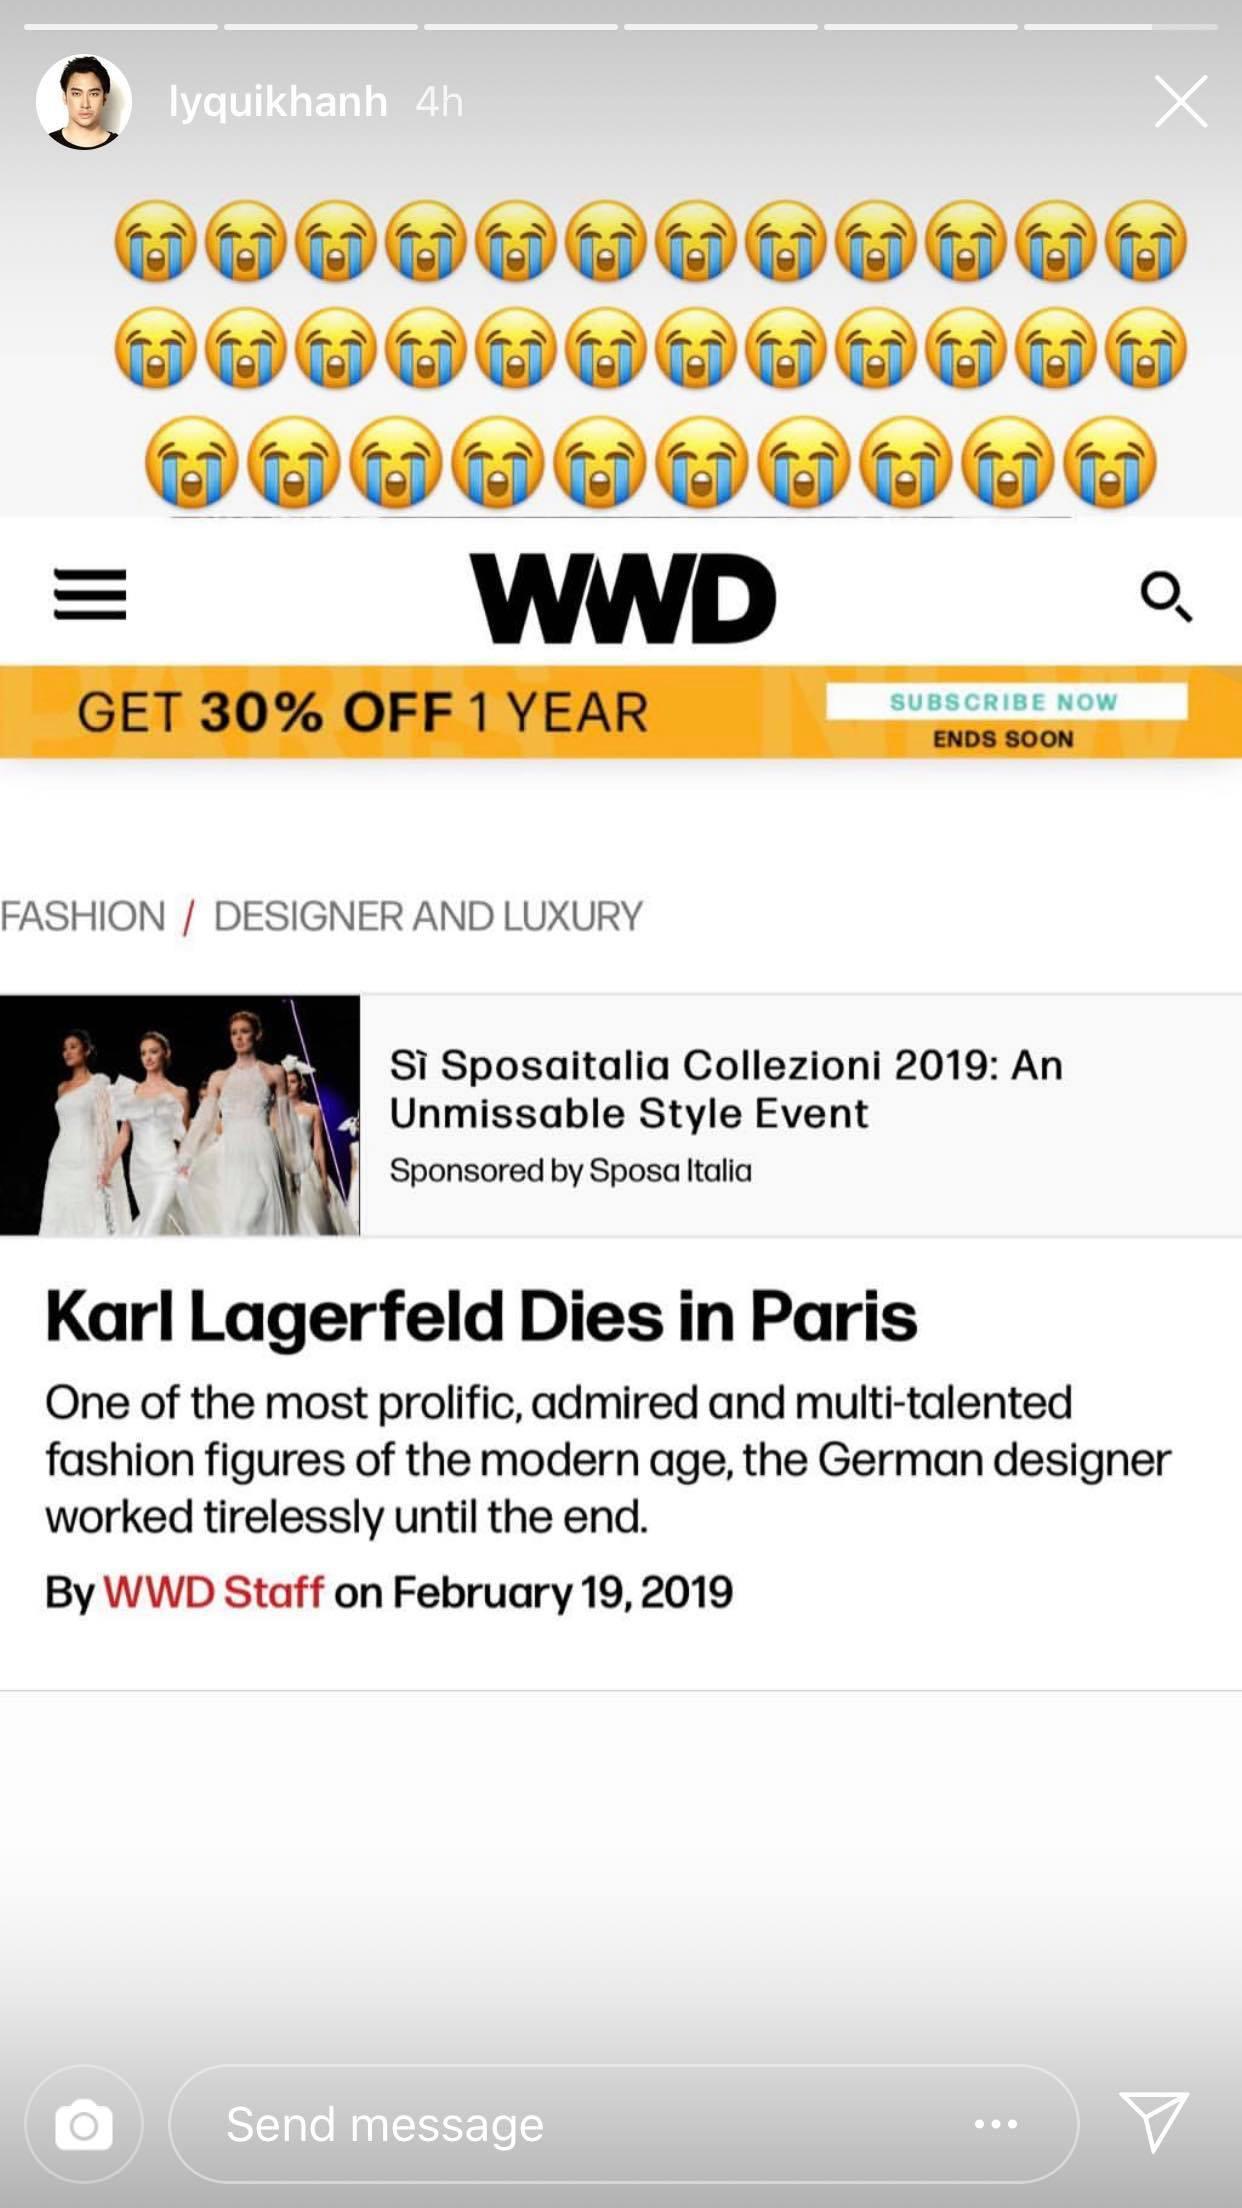 Hoa hậu Mai Phương Thuý, Á hậu Phương Nga và nhiều NTK, stylist thương tiếc trước sự ra đi của huyền thoại thời trang Karl Lagerfeld - Ảnh 6.